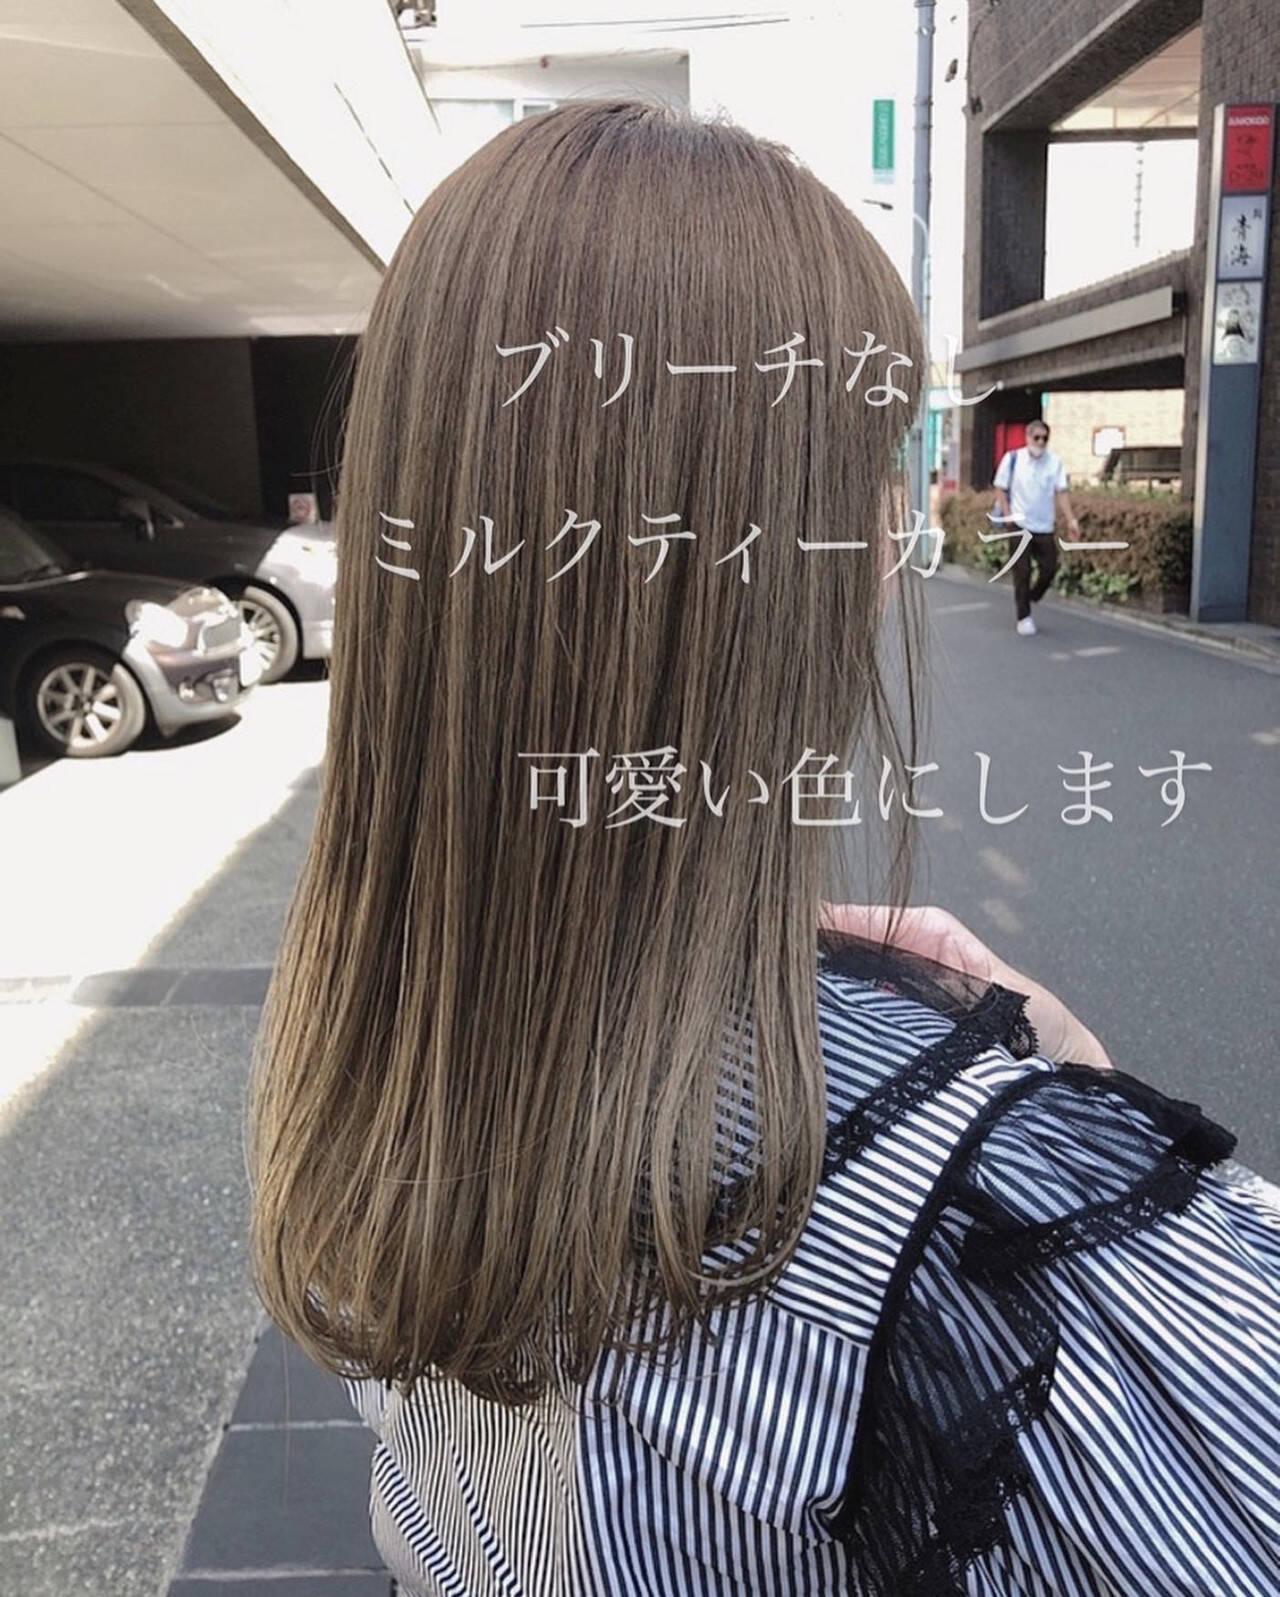 ナチュラル ミルクティーベージュ ミディアム ミルクティーブラウンヘアスタイルや髪型の写真・画像